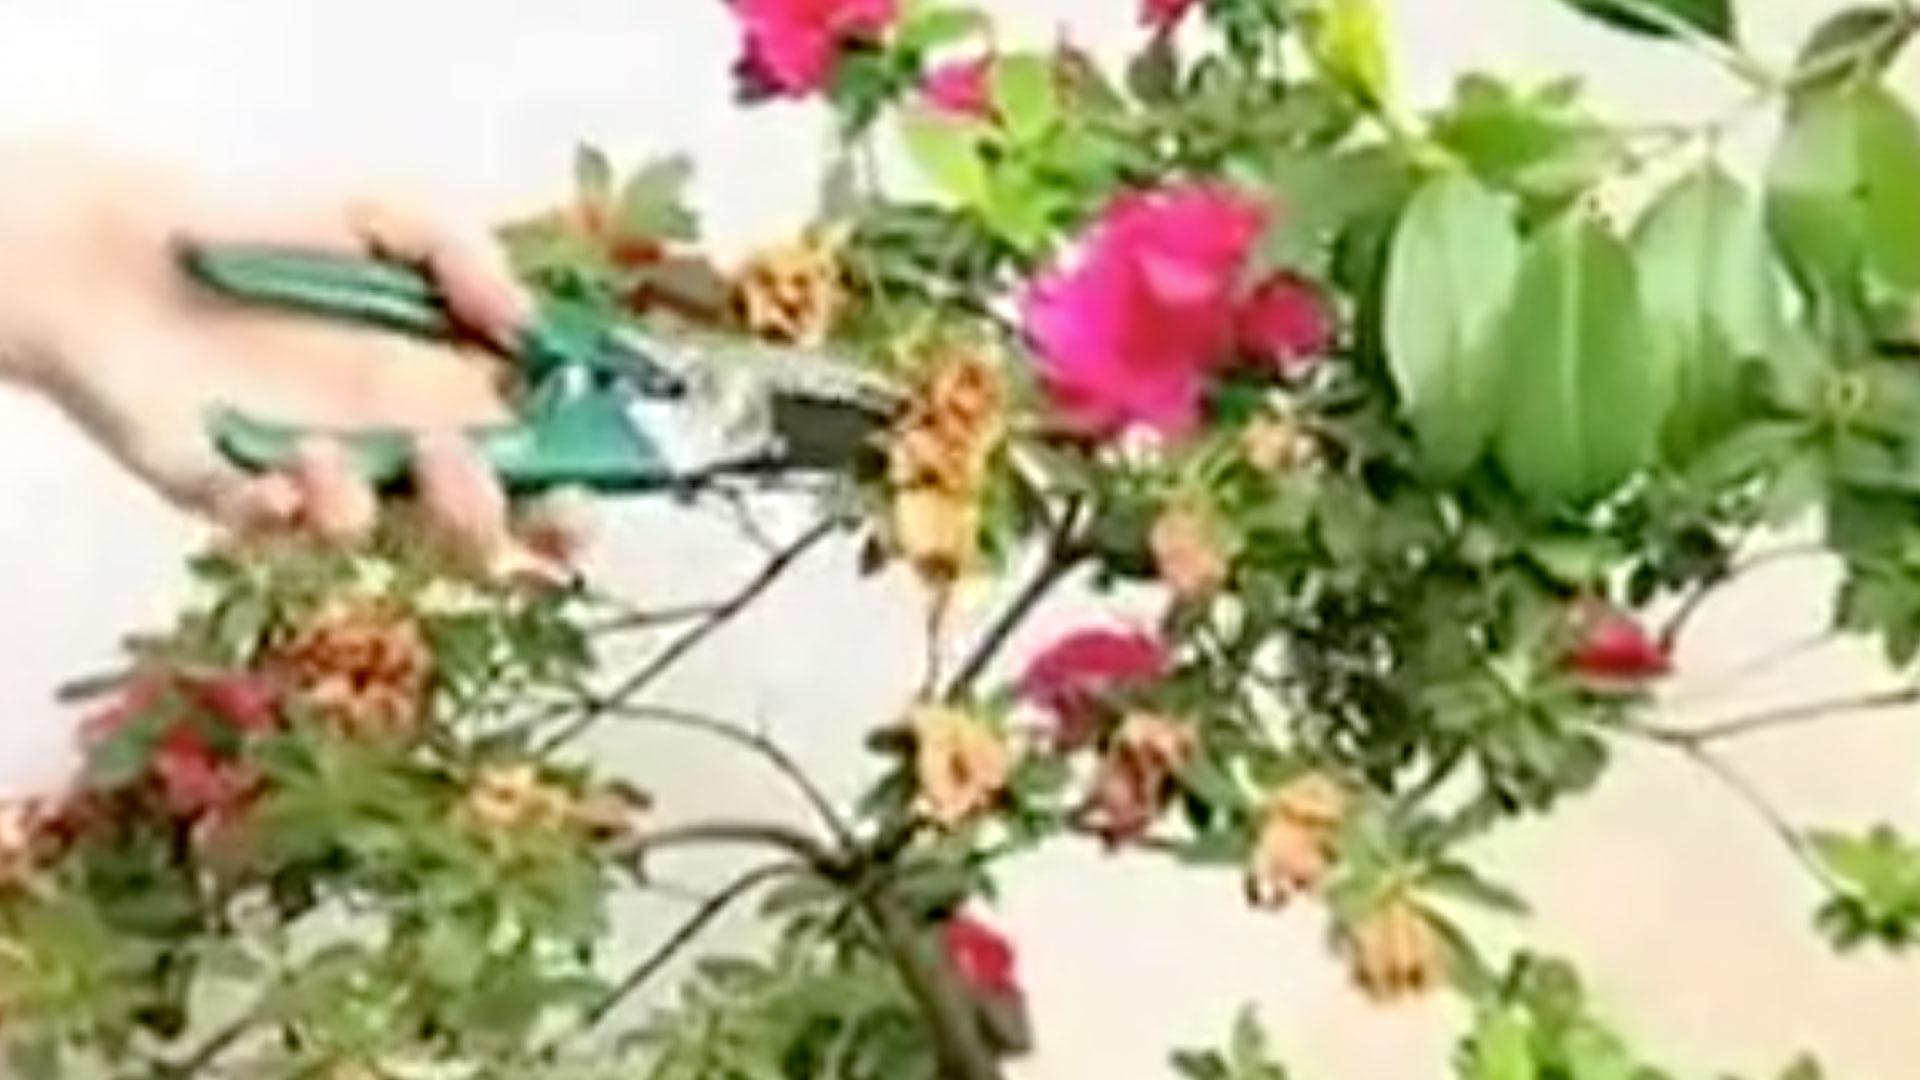 En octubre, con la llegada de la primavera, es normal que el jardínse llene de flores, pero hay ciertos descuidos que pueden retrasaresto o impedir el correcto desarrollo de las plantas.